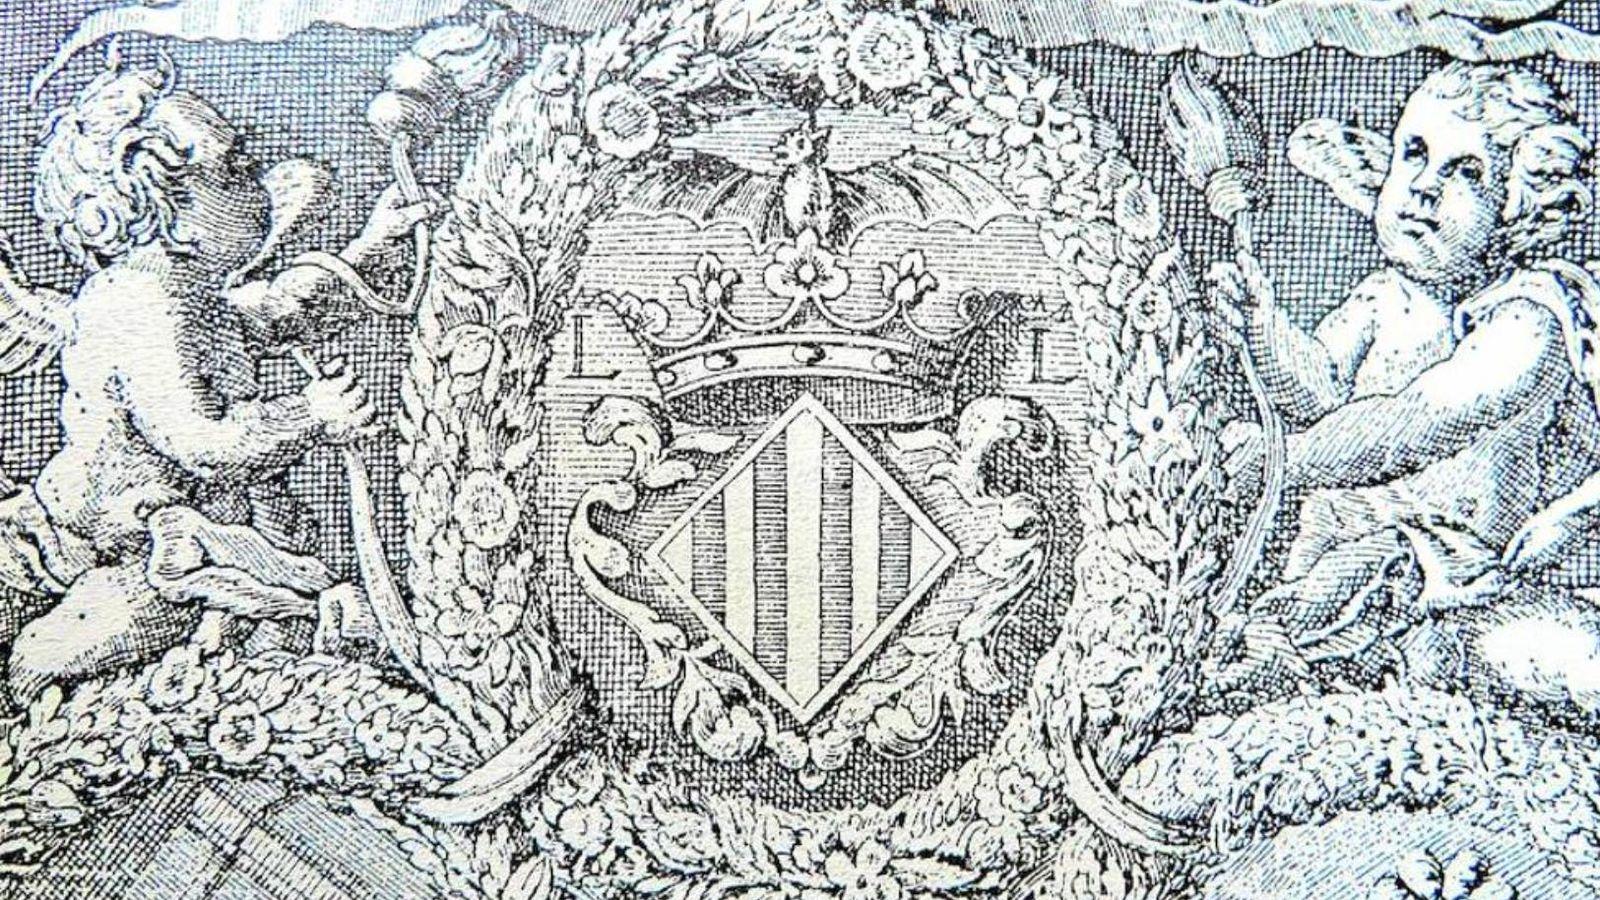 Foto: Grabado del escudo de Valencia difundido por Las Provincias, con el murciélago, en el libro 'Fàbrica de Murs i Valls', de 1674.